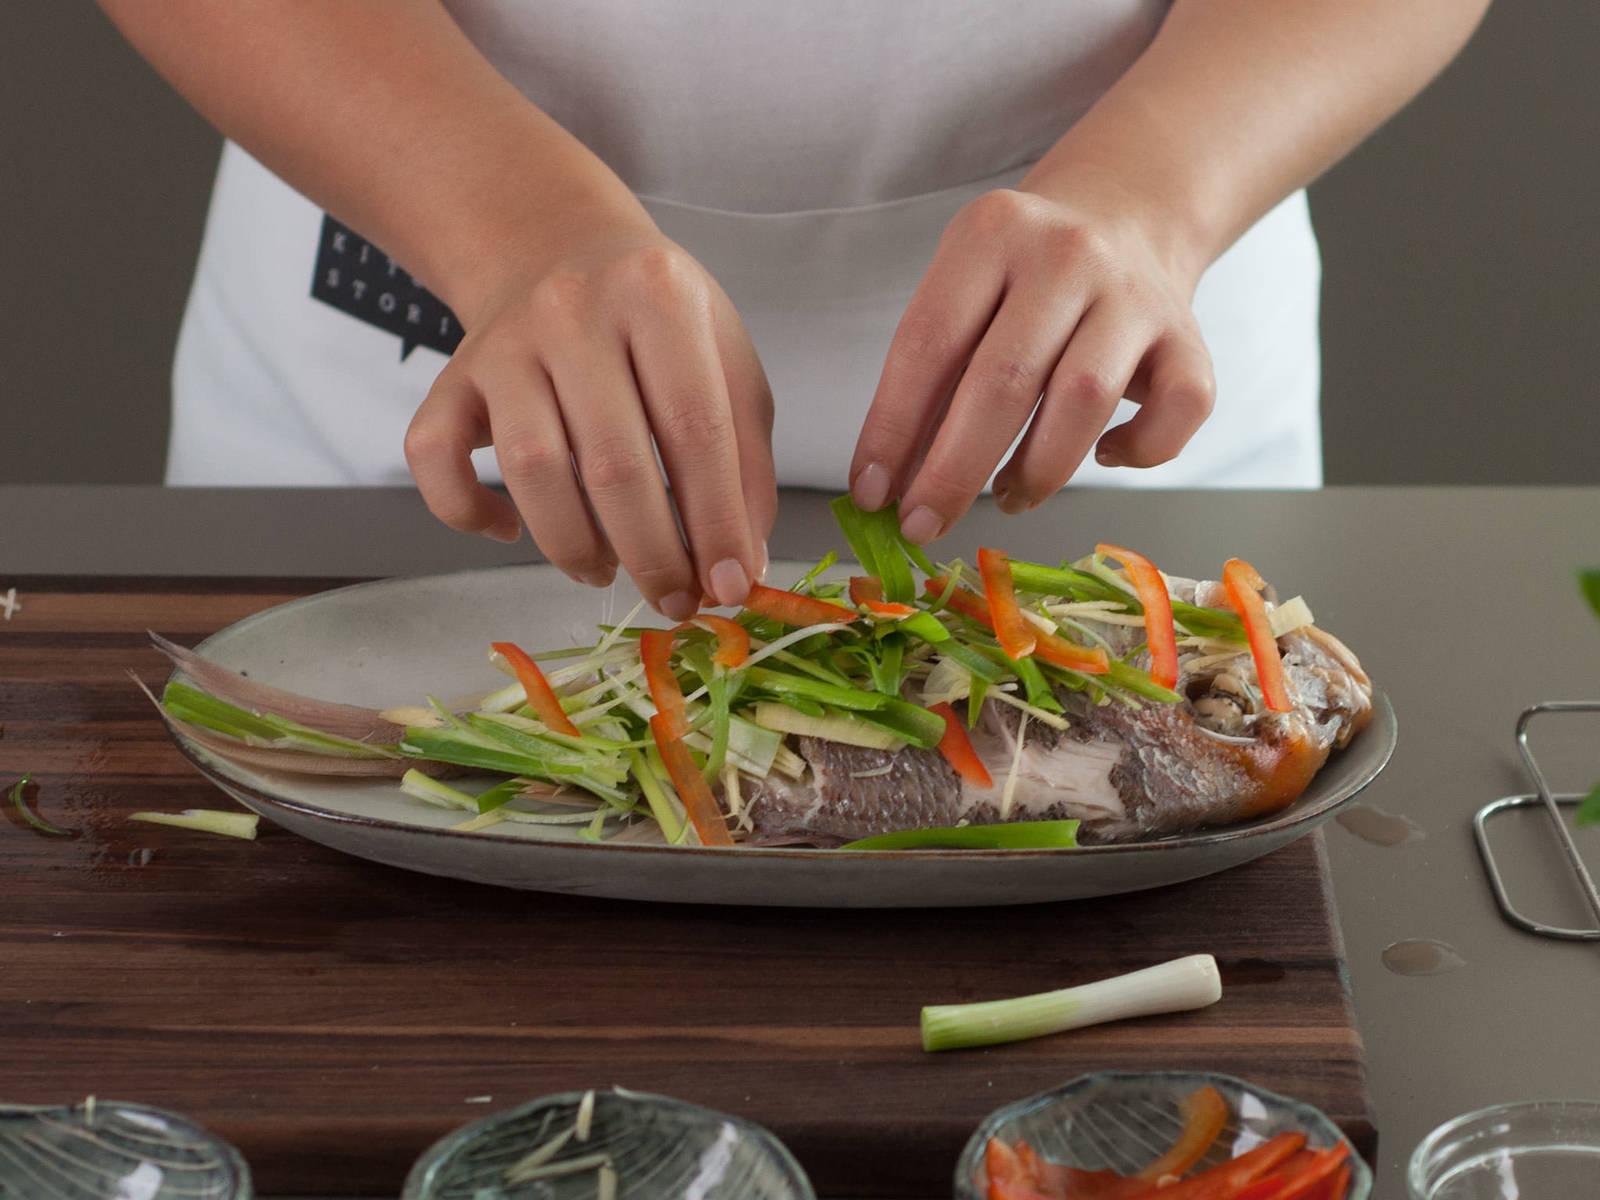 Wasser in einem großen Topf zum Kochen bringen und Dampfgaraufsatz darauf platzieren. Den Fisch in den Dampfgaraufsatz legen und ca. 8 Min. dämpfen. Anschließend die Herdplatte ausschalten und den Fisch ca. 3 Min. weiterdämpfen lassen. Den Fisch auf einen Teller geben und überschüssige Flüssigkeit entfernen. Mit Julienne-Gemüse garnieren. Pflanzenöl in einer Pfanne erhitzen, anschließend über den Fisch geben und mit Sojasoße besprenkeln. Guten Appetit!